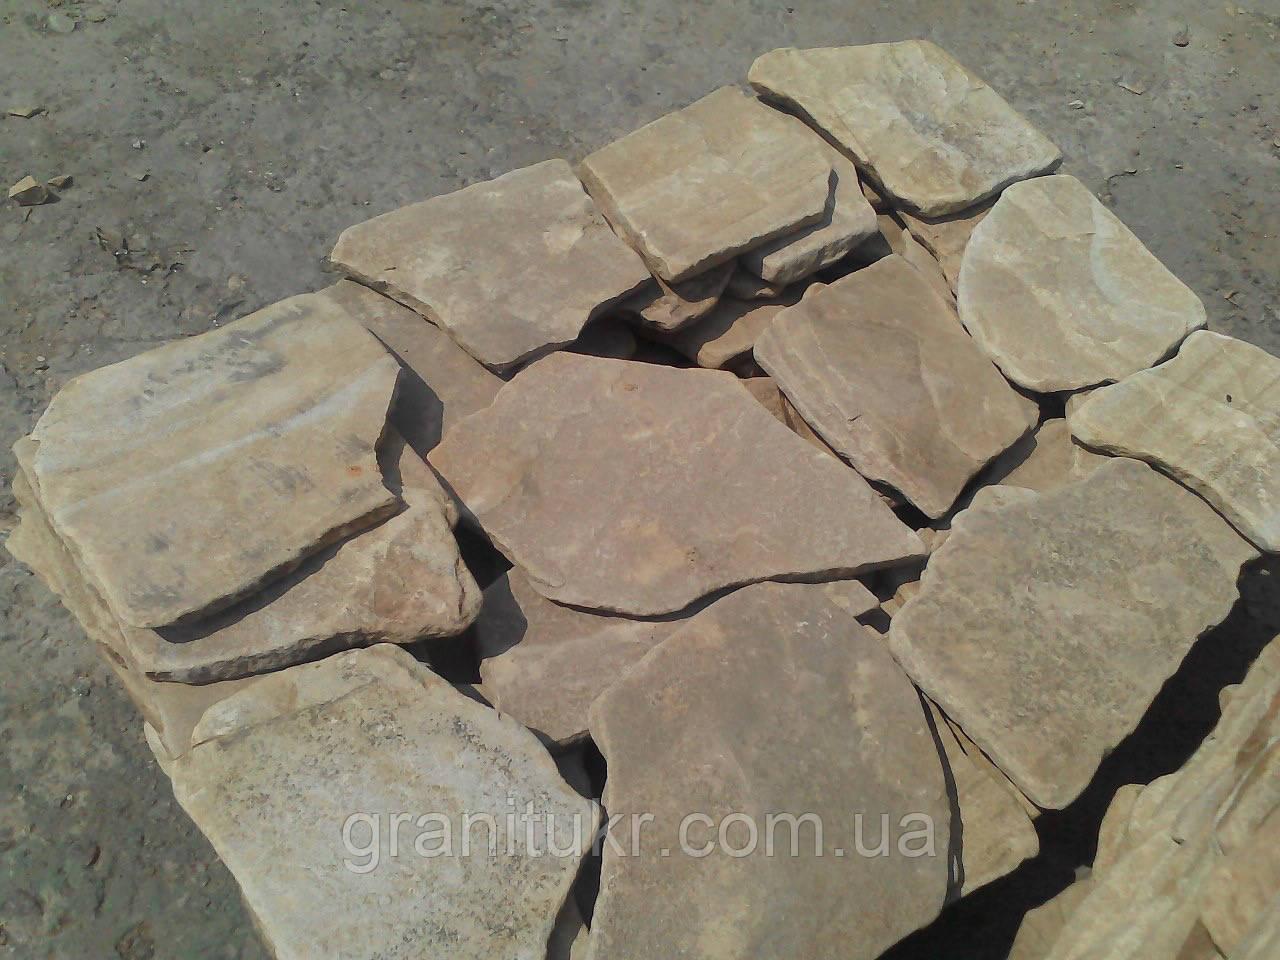 Камень природный, фото 1